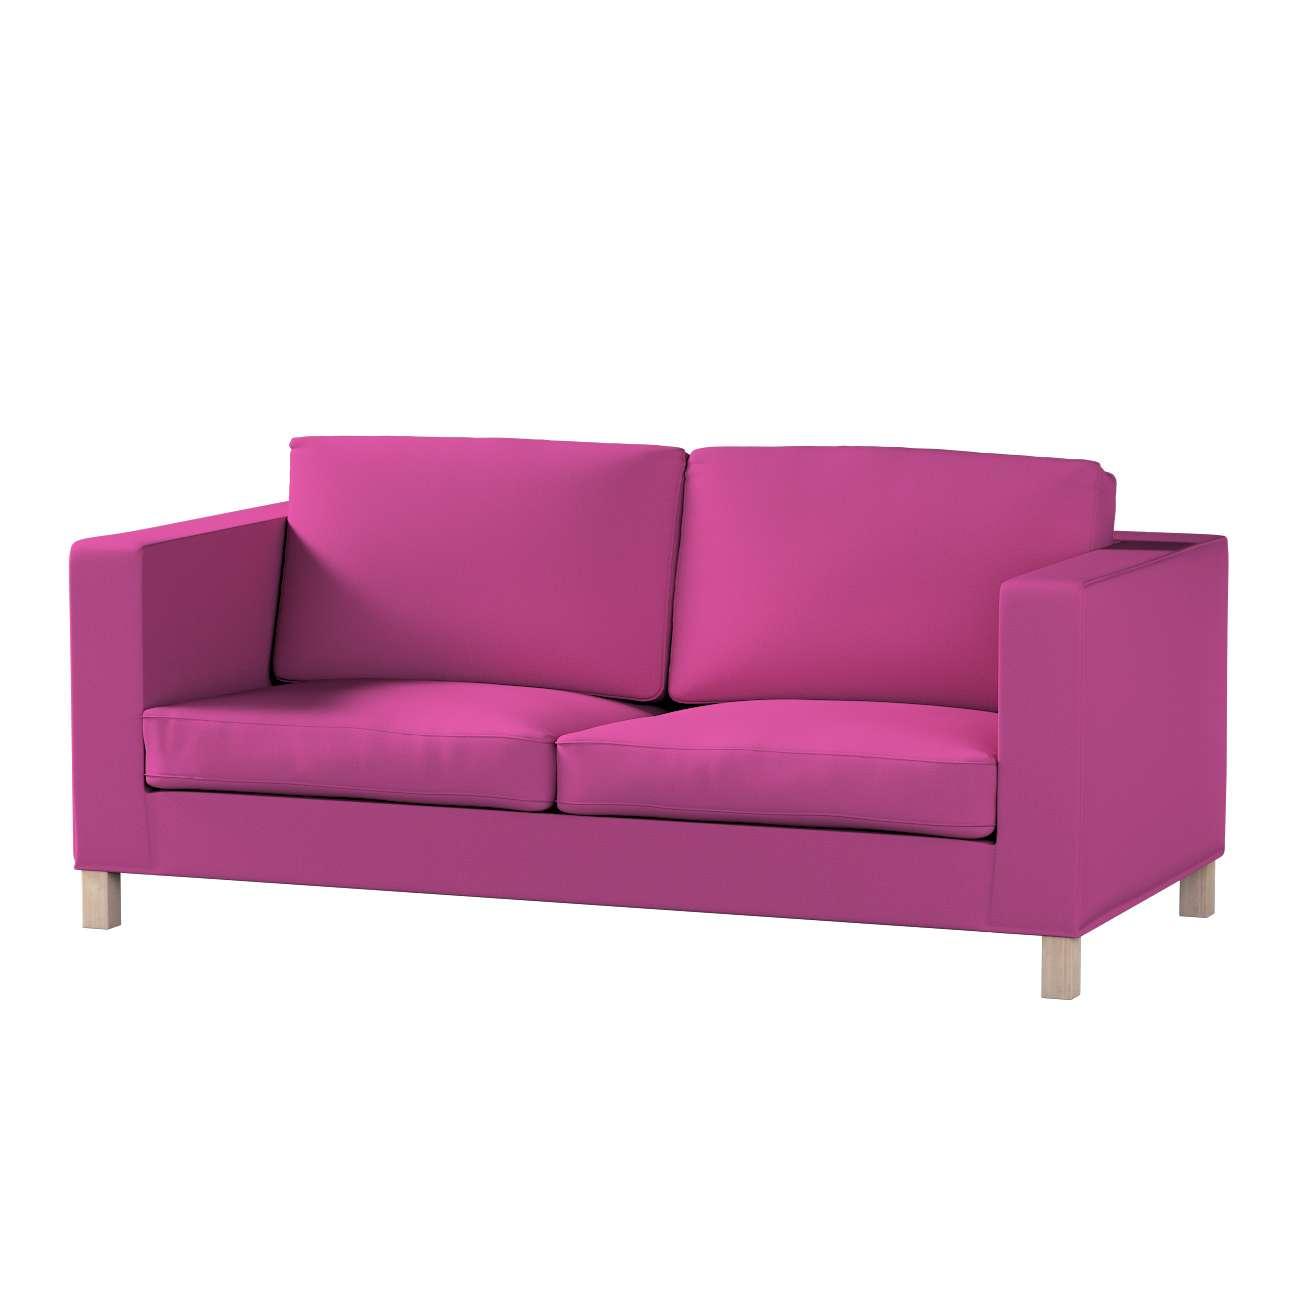 Pokrowiec na sofę Karlanda rozkładaną, krótki w kolekcji Etna, tkanina: 705-23